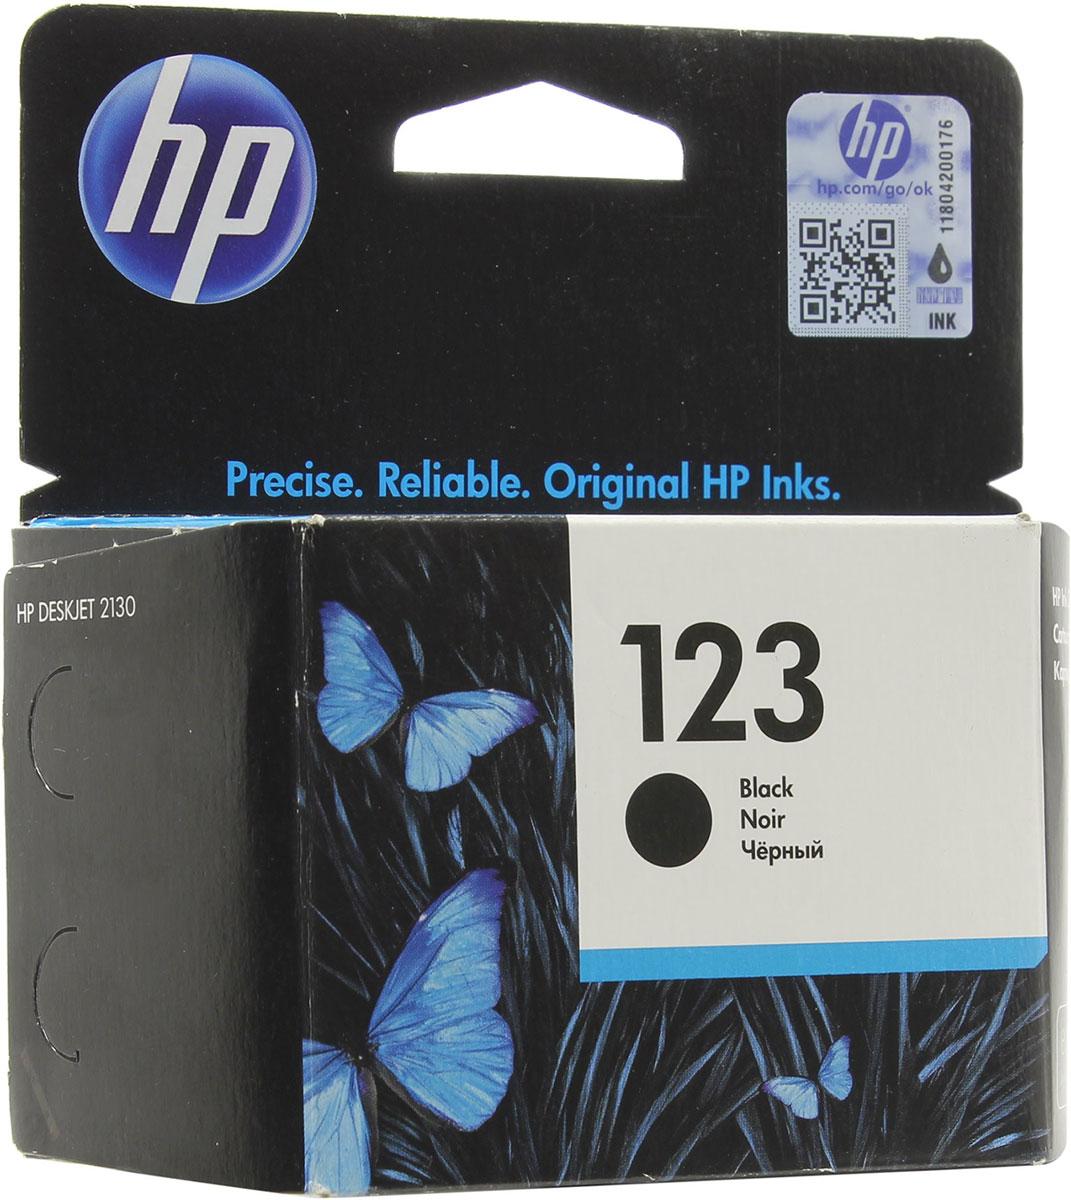 HP F6V17AE BHK, Black картридж для DeskJet 2130 All-in-One (K7N77C)F6V17AEВыполняйте высококачественную печать документов с помощью недорогих струйных оригинальных картриджей HP. Оцените надежность и качество результатов благодаря наличию специальных средств защиты (которые гарантируют, что вы приобрели оригинальный картридж) и системы оповещения о низком уровне чернил.Раскройте все возможности принтеров и чернил HP. Создавайте фотографии и документы неизменно высокого качества с помощью оригинальных струйных картриджей HP.Оригинальные струйные картриджи HP отличаются надежностью и обеспечивают стабильно высокое качество результатов. Оцените непревзойденное качество печати для дома, учебы или работы, и используйте картриджи, специально разработанные и протестированные для работы с принтерами HP.